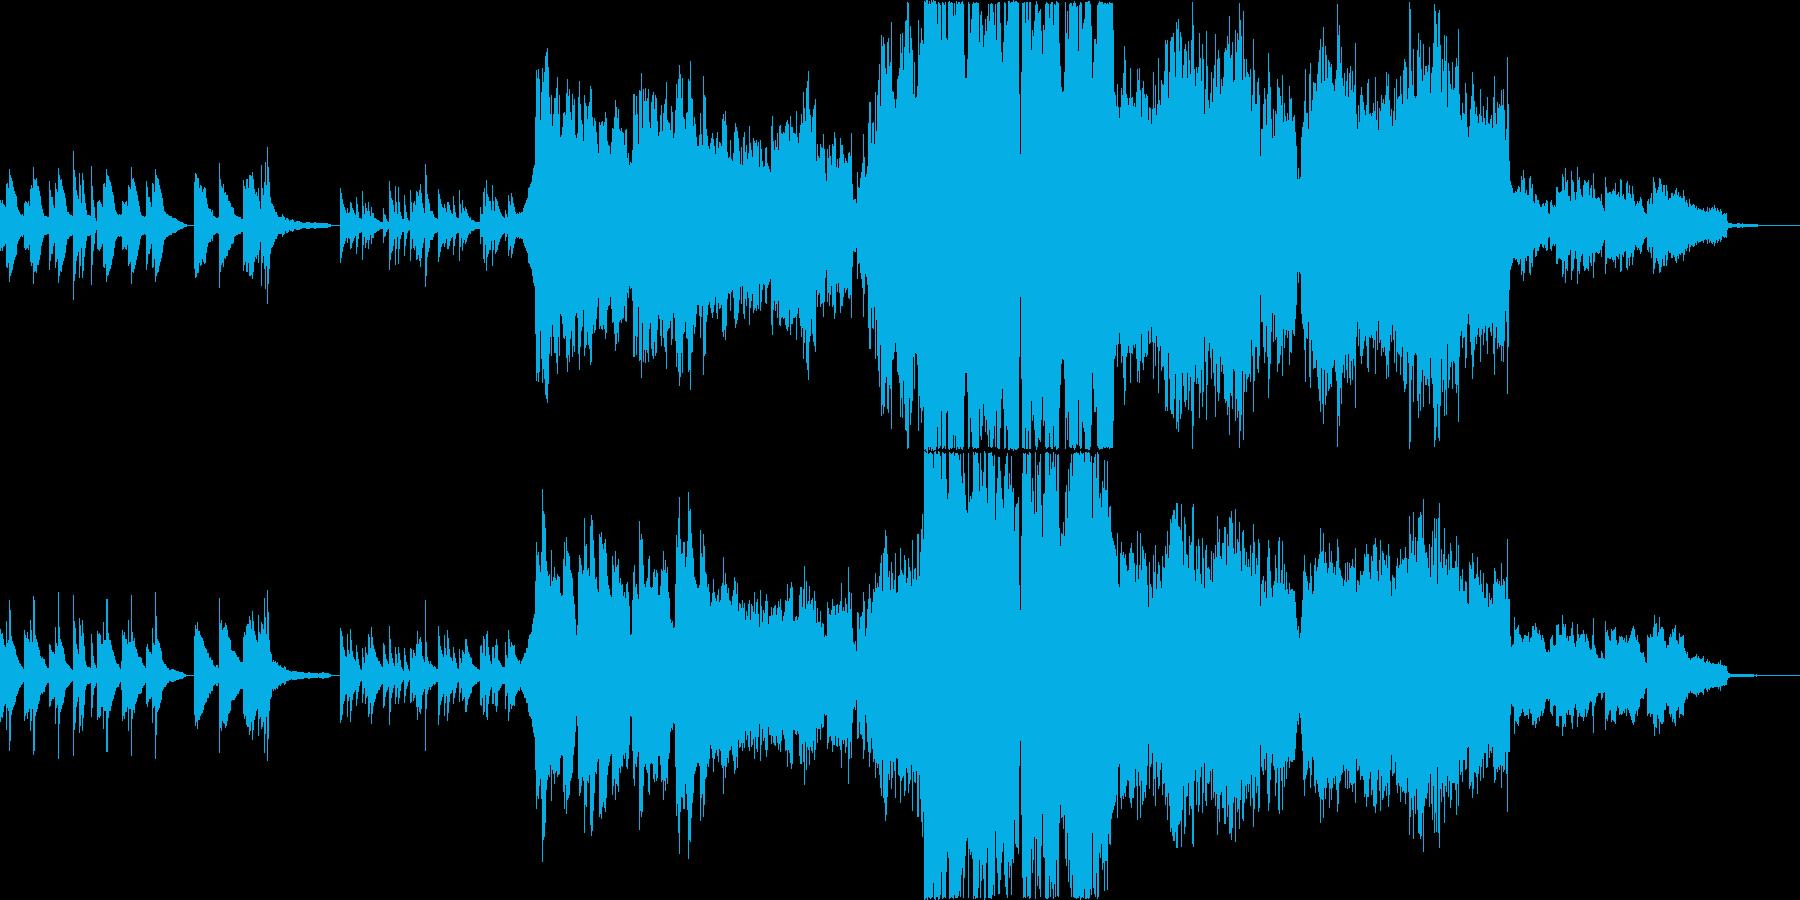 感動的なオーケストラ曲の再生済みの波形